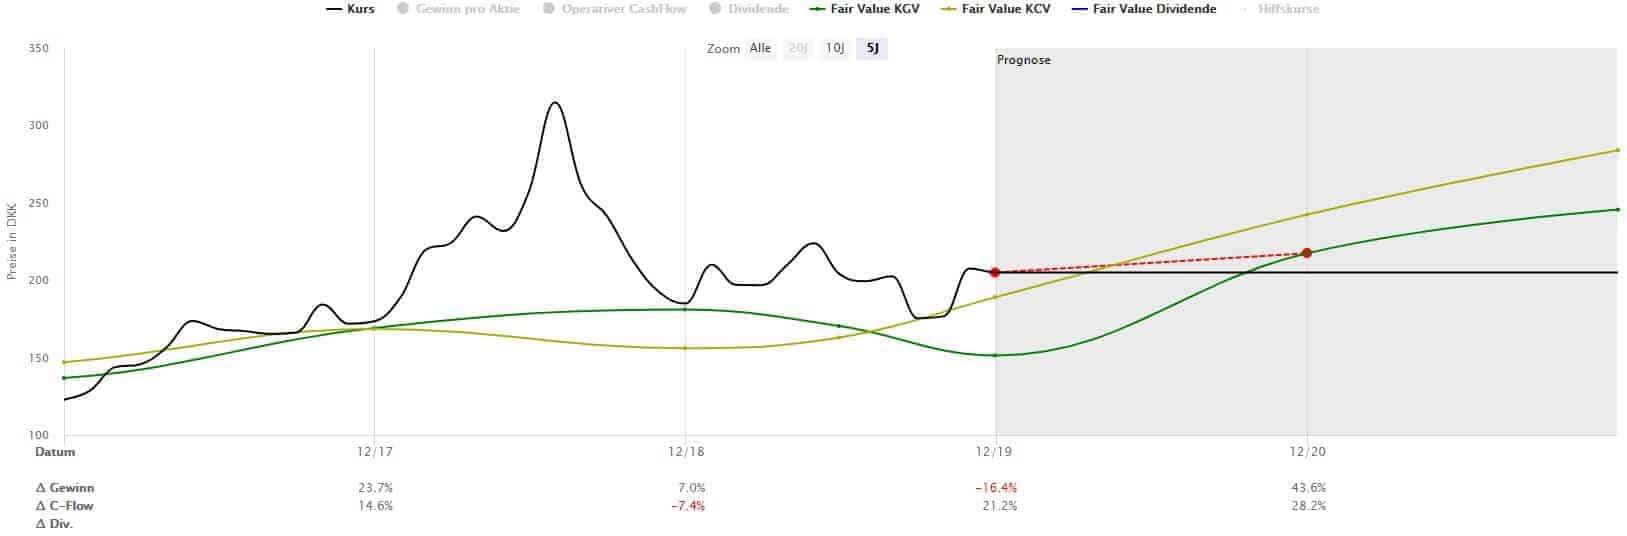 Der Aktienkurs von Demant hat eine wilde Achterbahnfahrt hinter sich